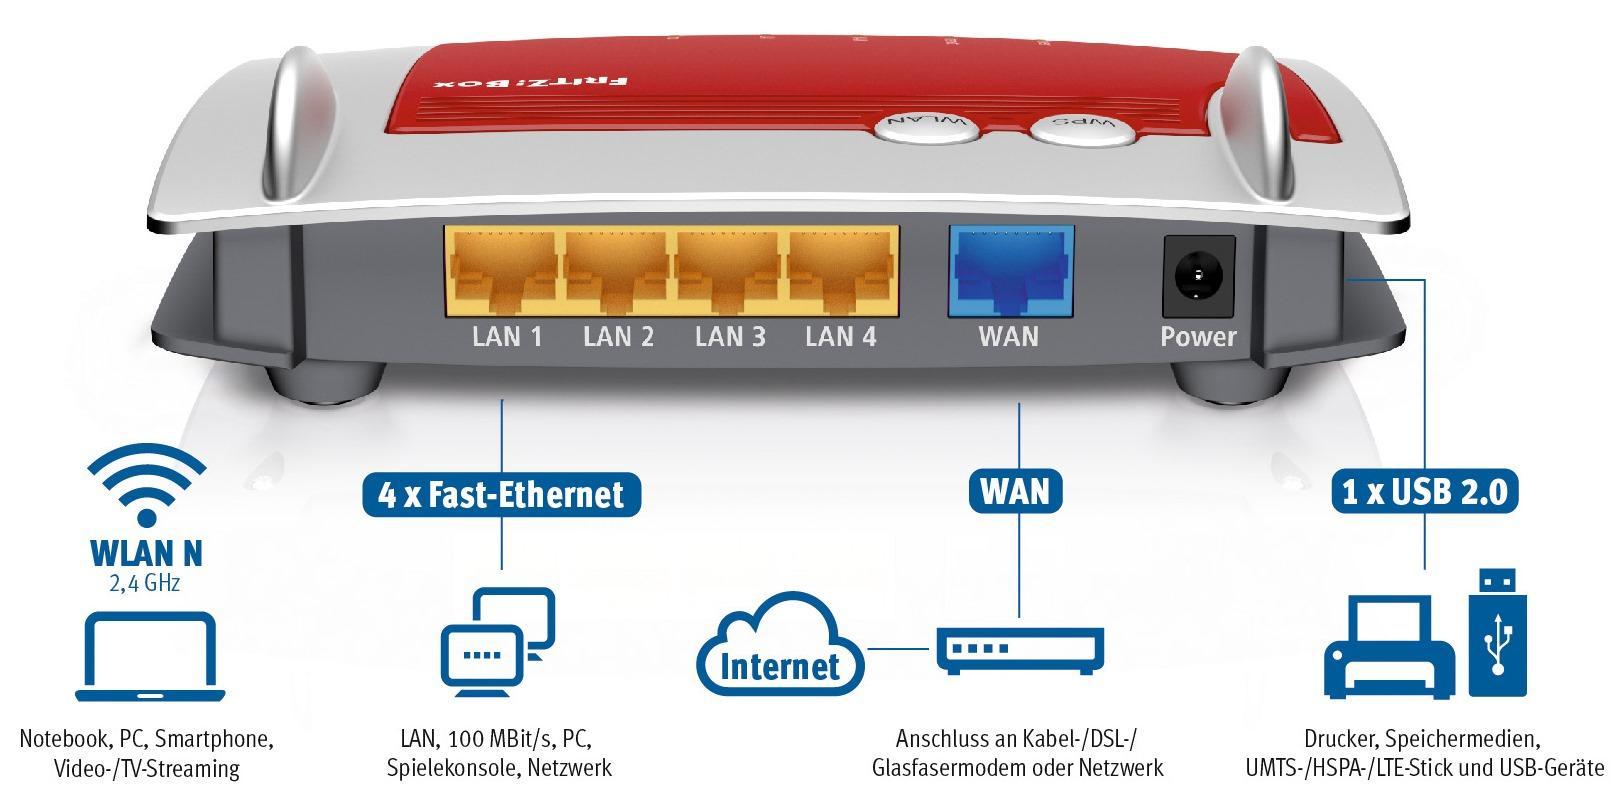 AVM FRITZ!Box 4020 WLAN-Router für Anschluss an Kabel-/DSL ...